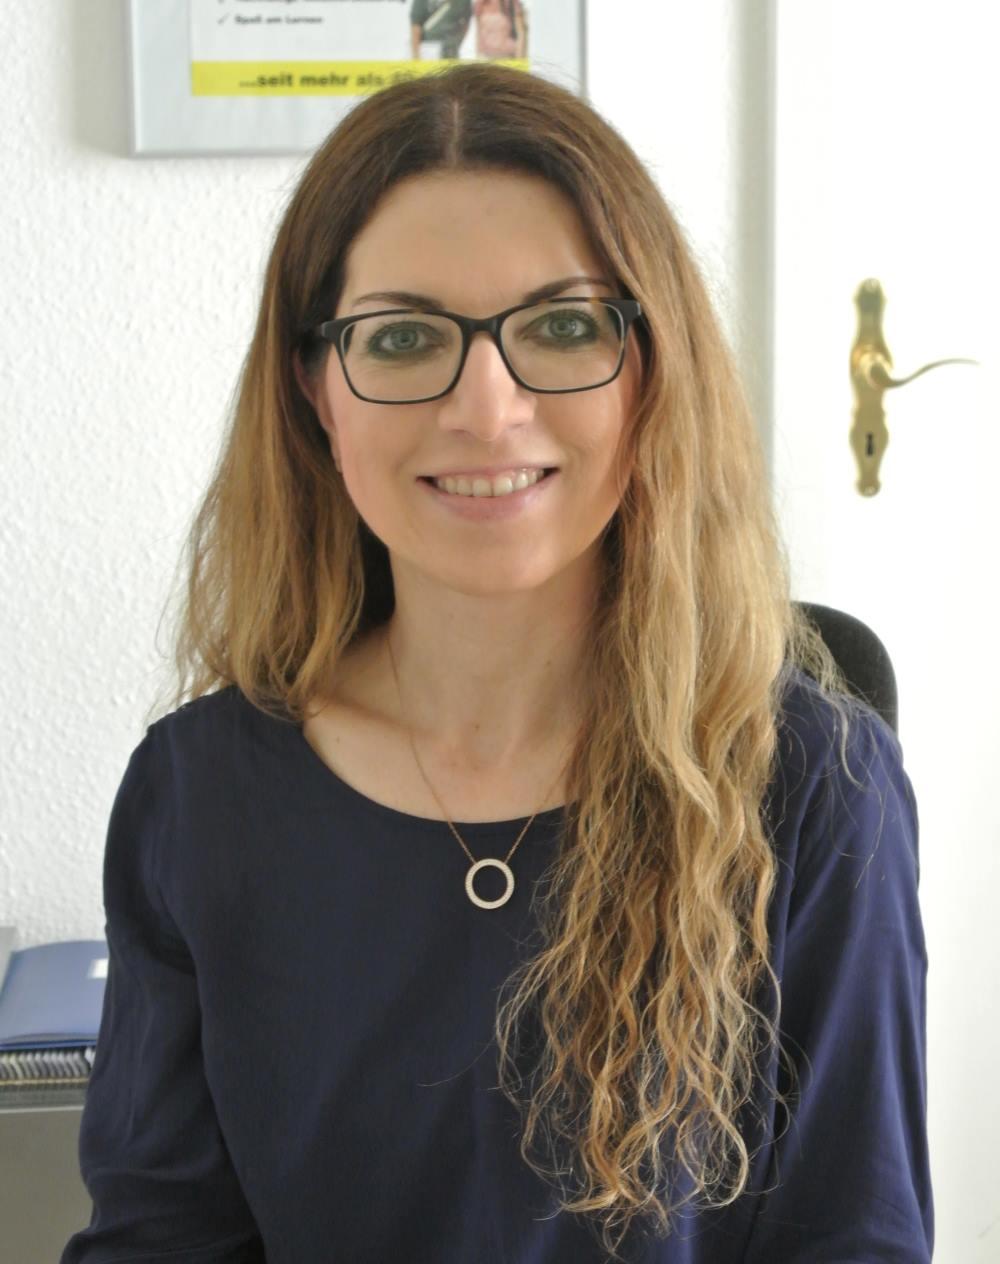 Die Lernhilfe Mainz - Frau Glück